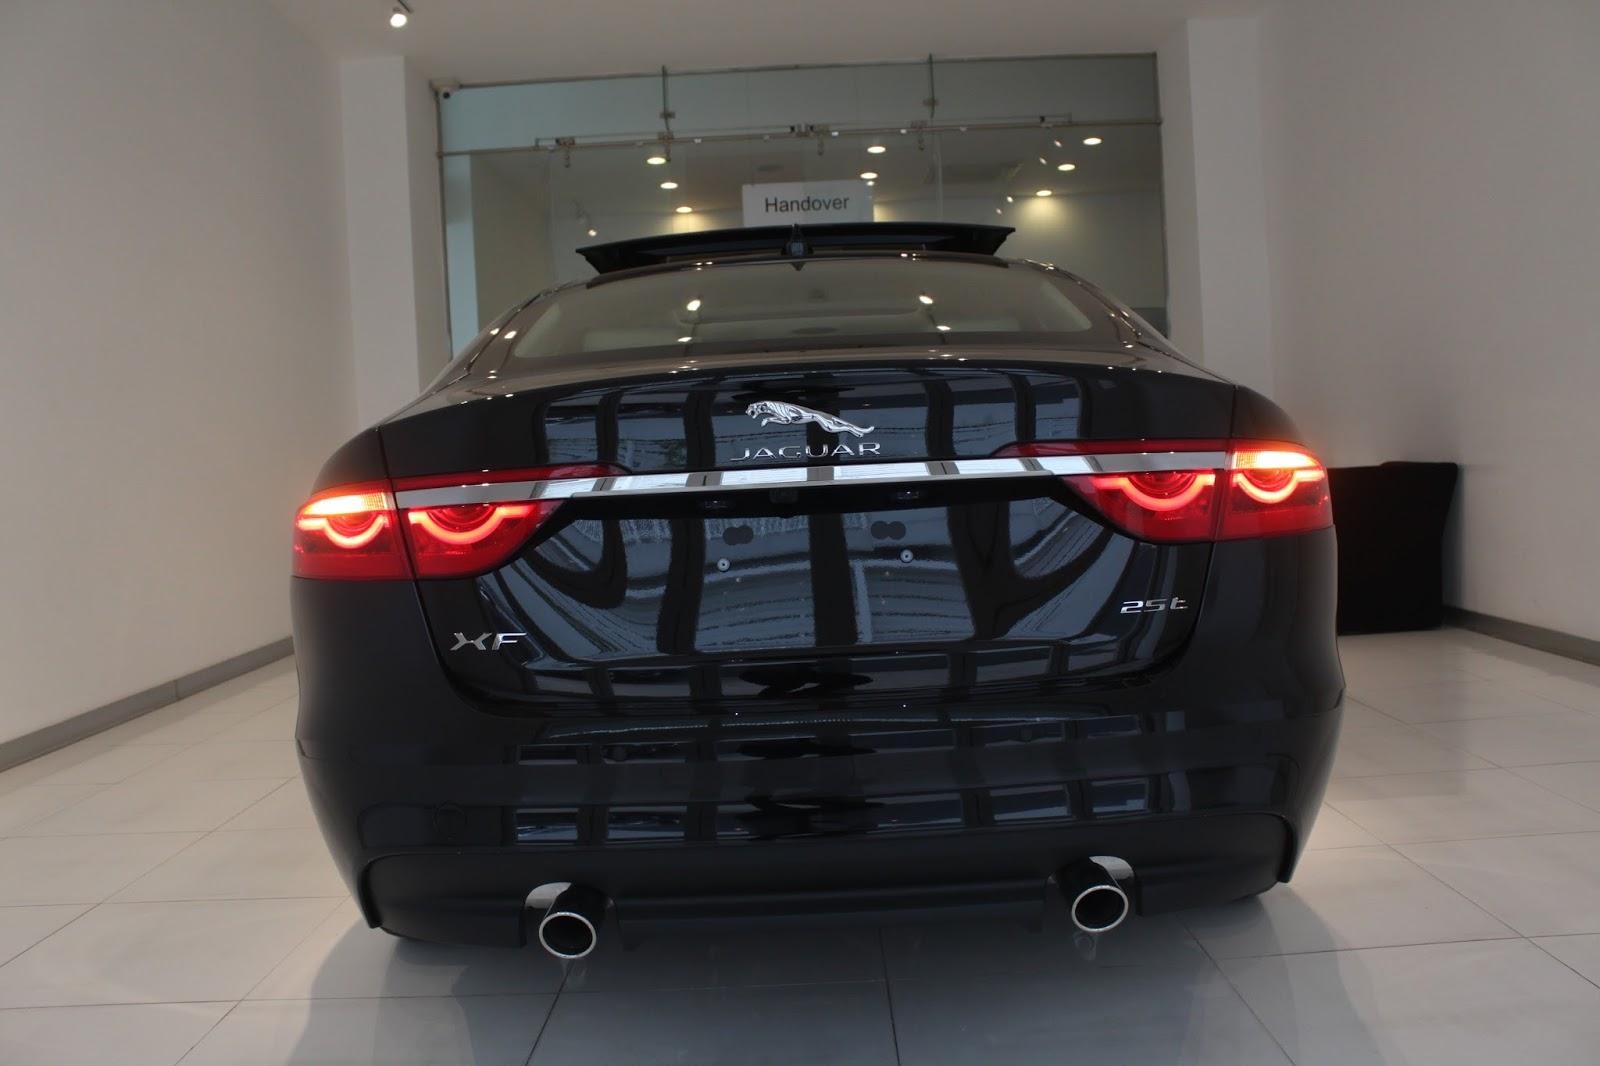 Giá bán chính thức của Jaguar XF 2.0 rẻ nhất Việt Nam